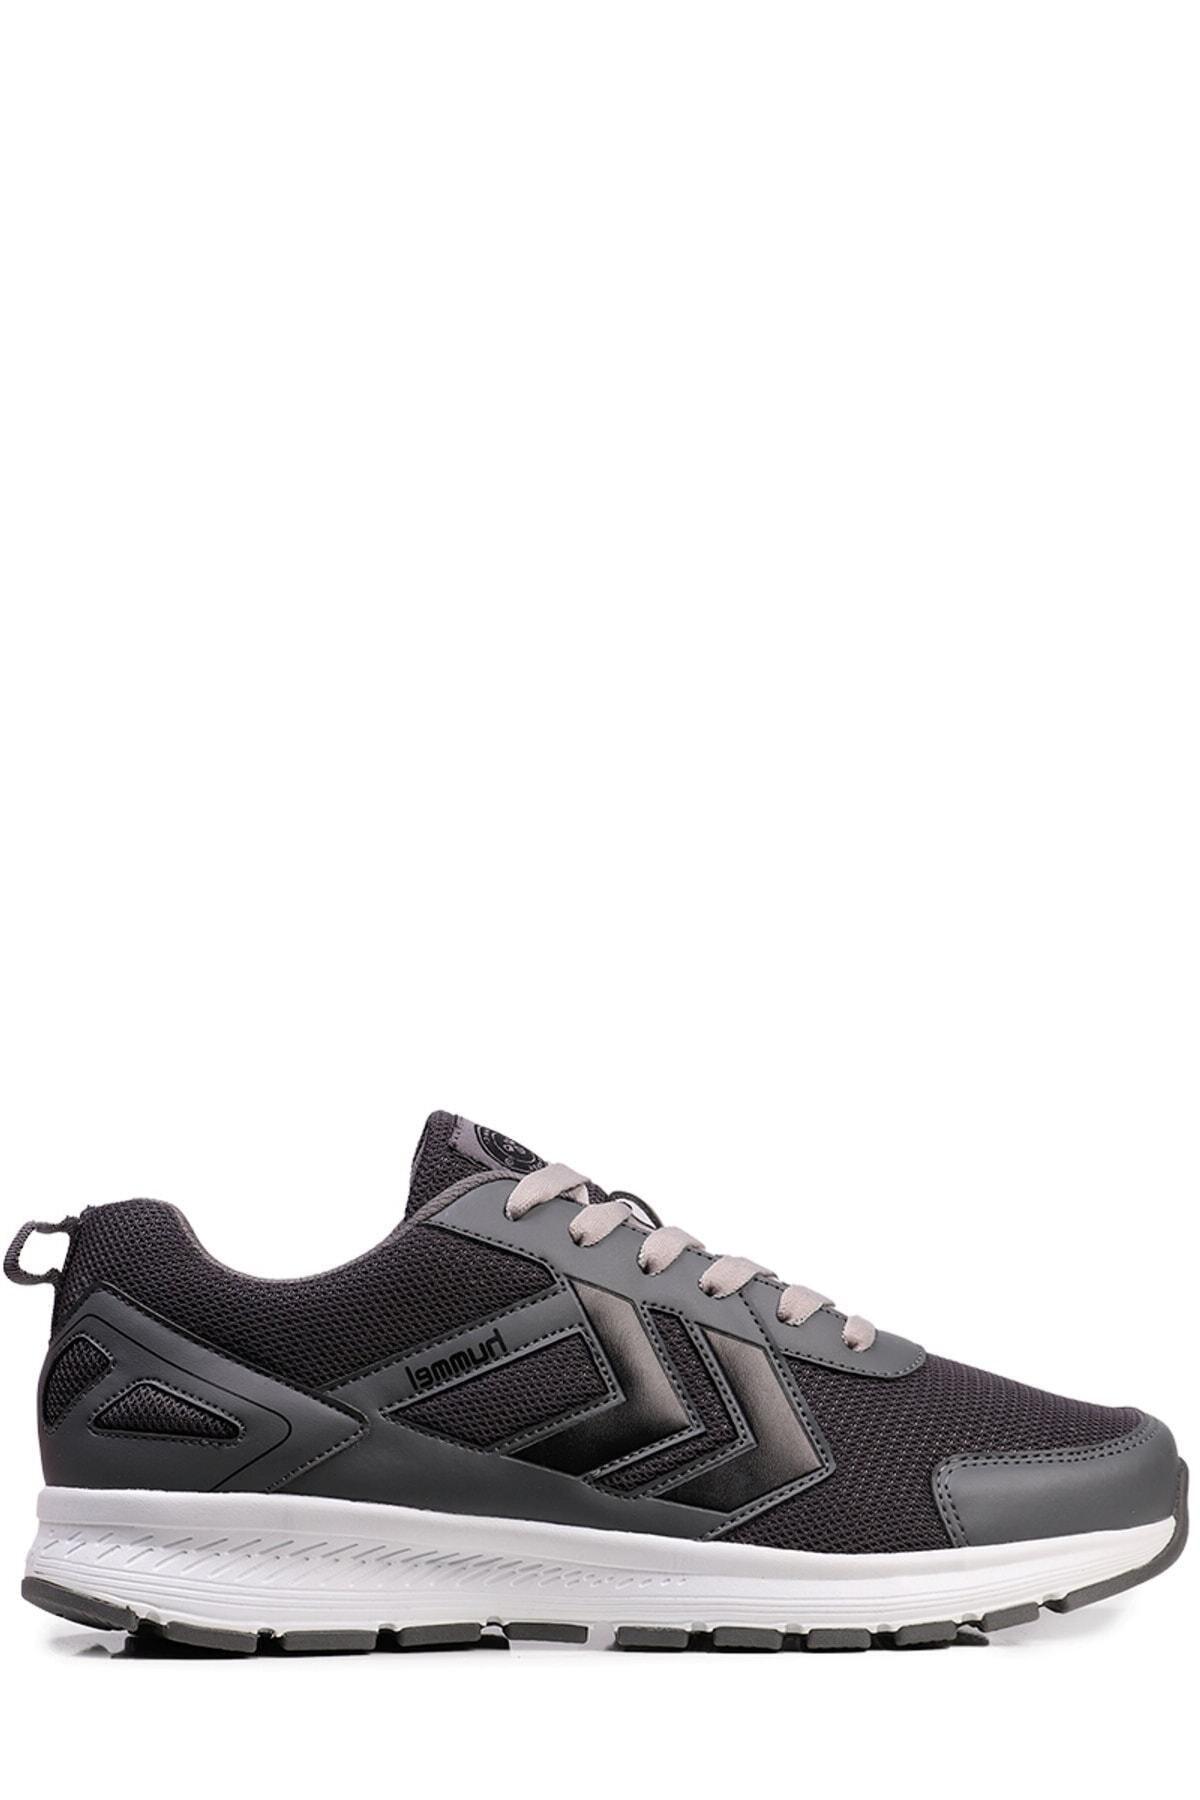 سفارش کفش مخصوص دویدن زمستانی مردانه برند هومل رنگ نقره ای کد ty31534187